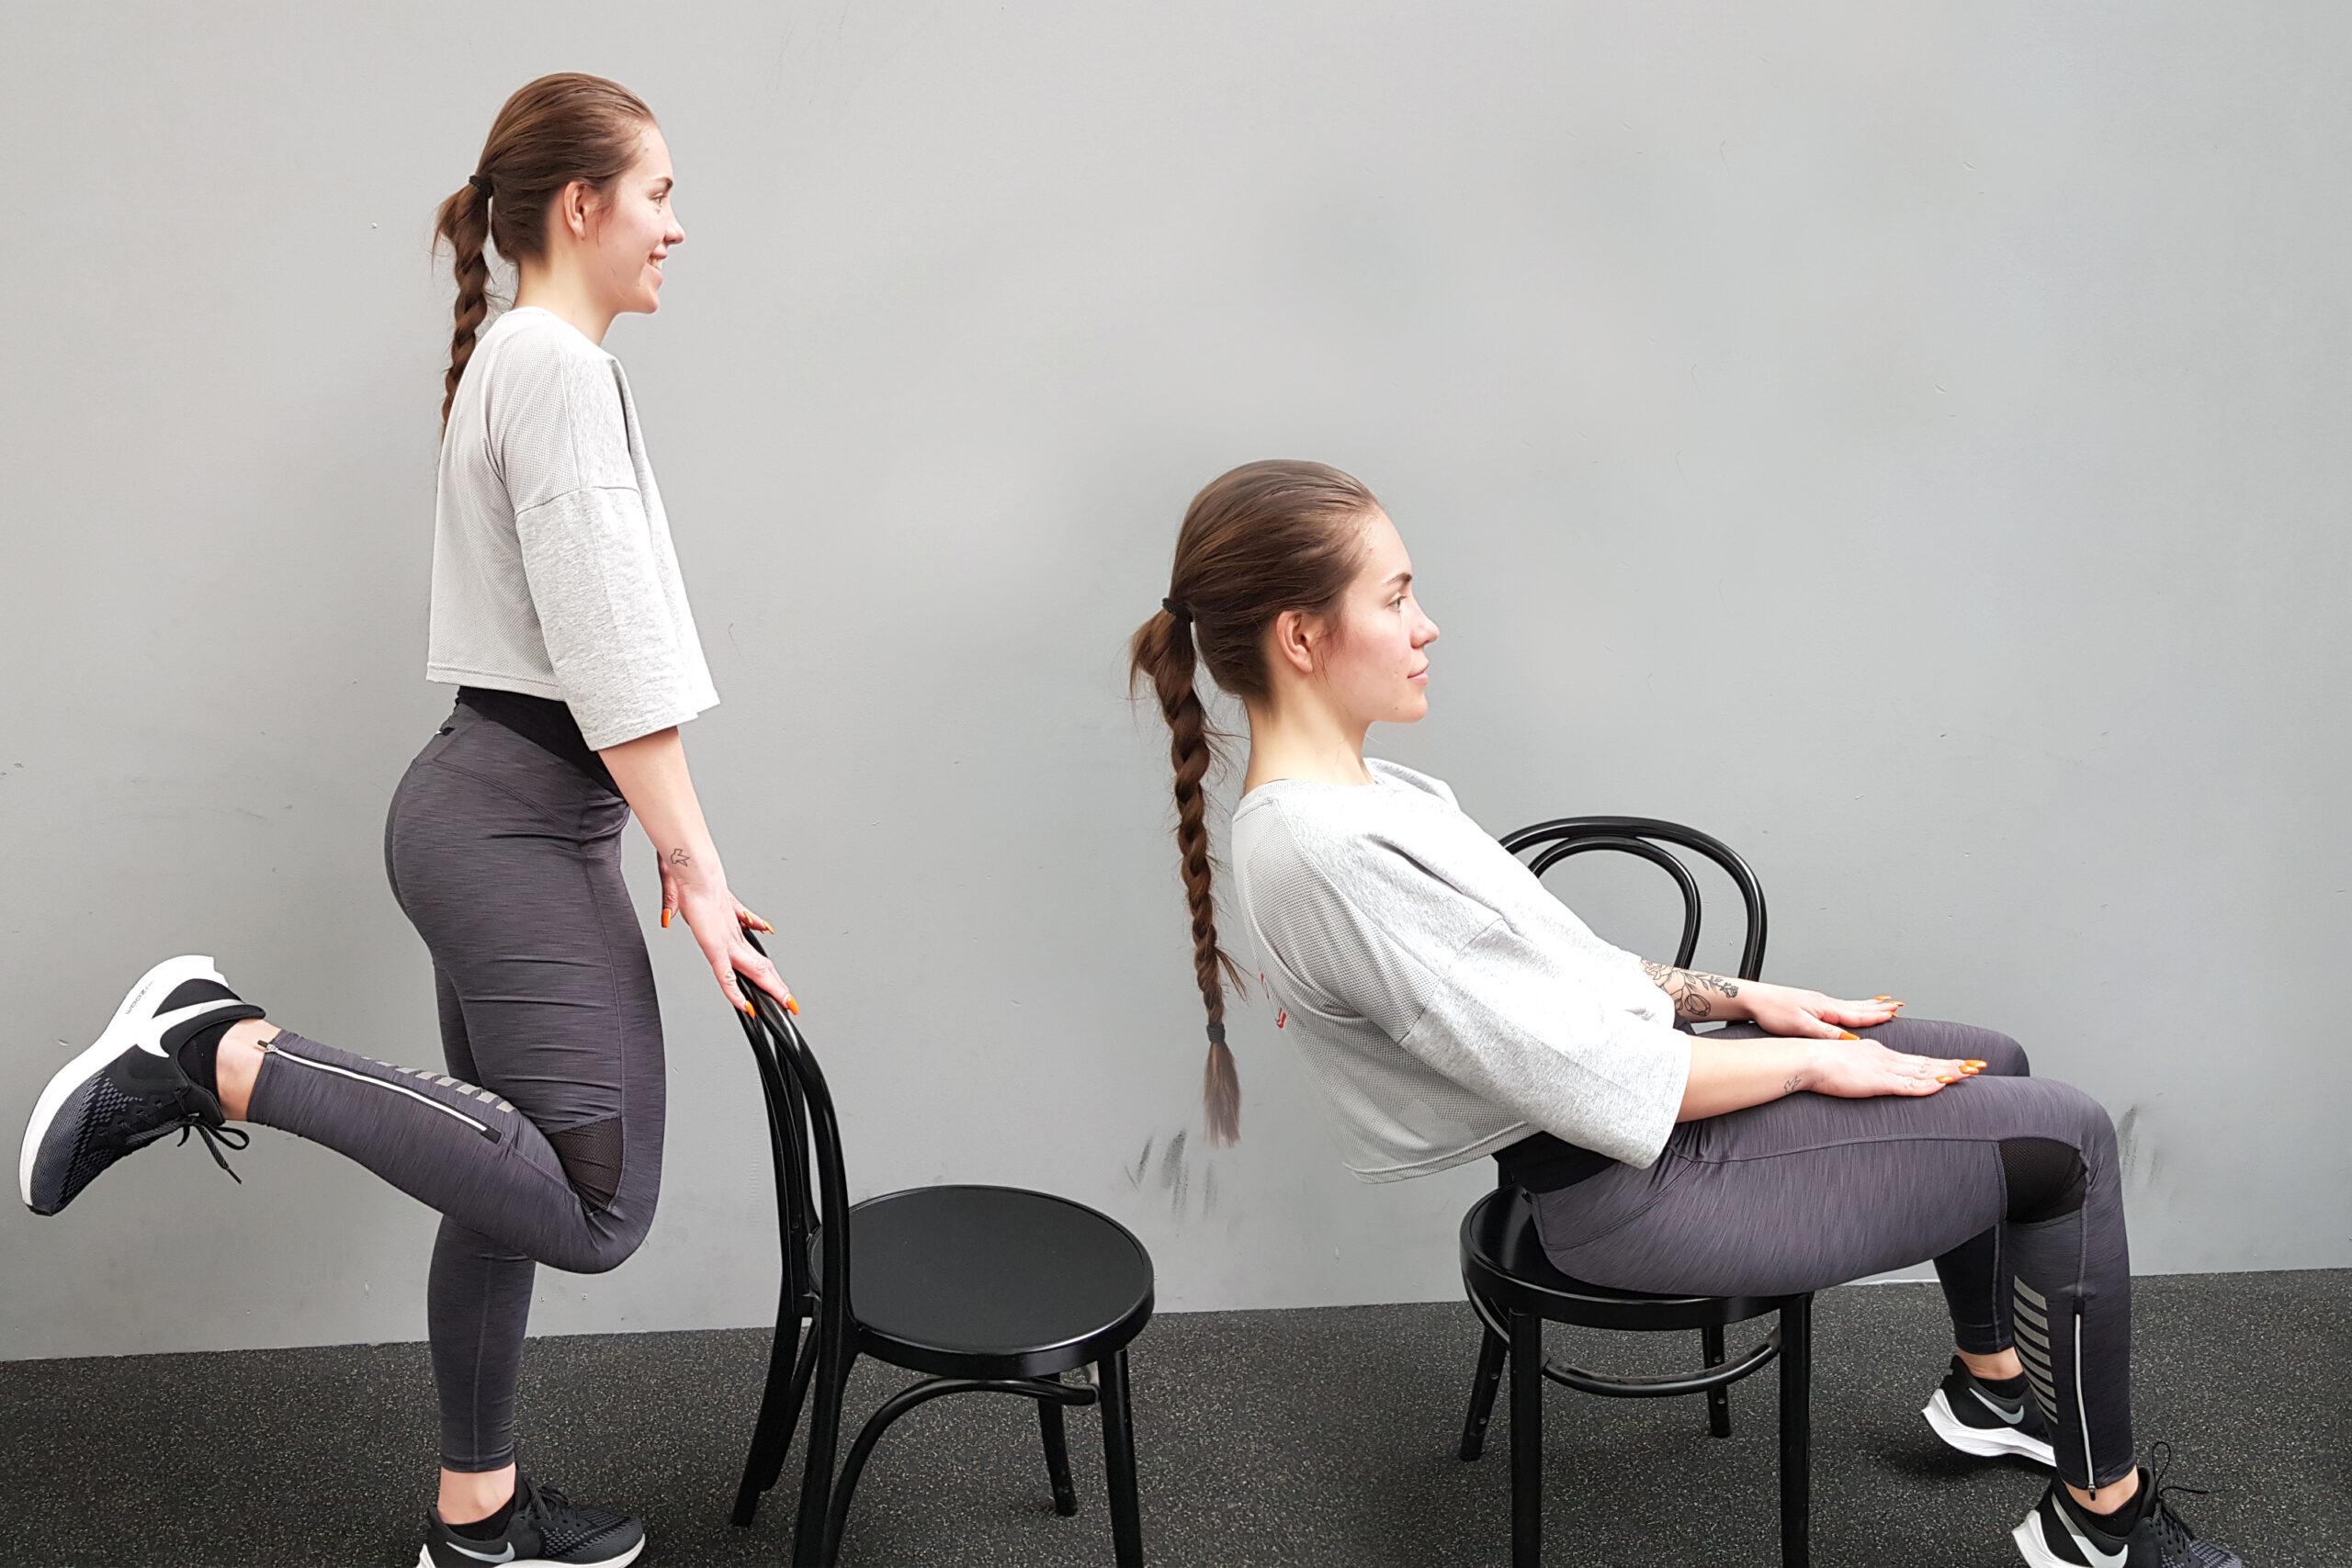 Erika på bilden tränar med hjälp av en stol